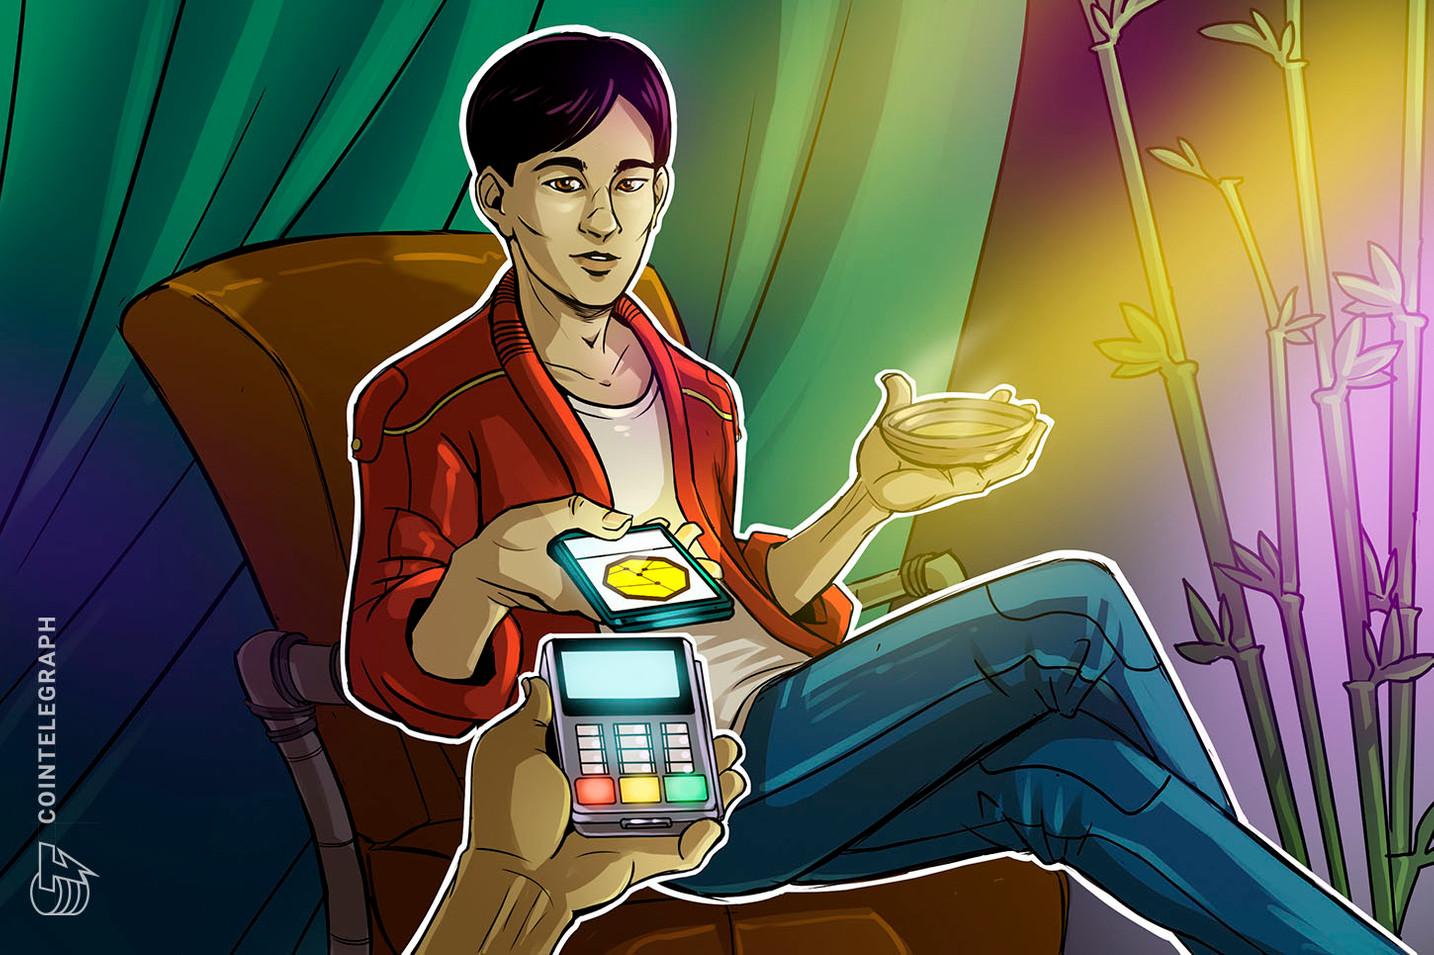 Pundi X integra pagamentos cripto a terminais de venda tradicionais